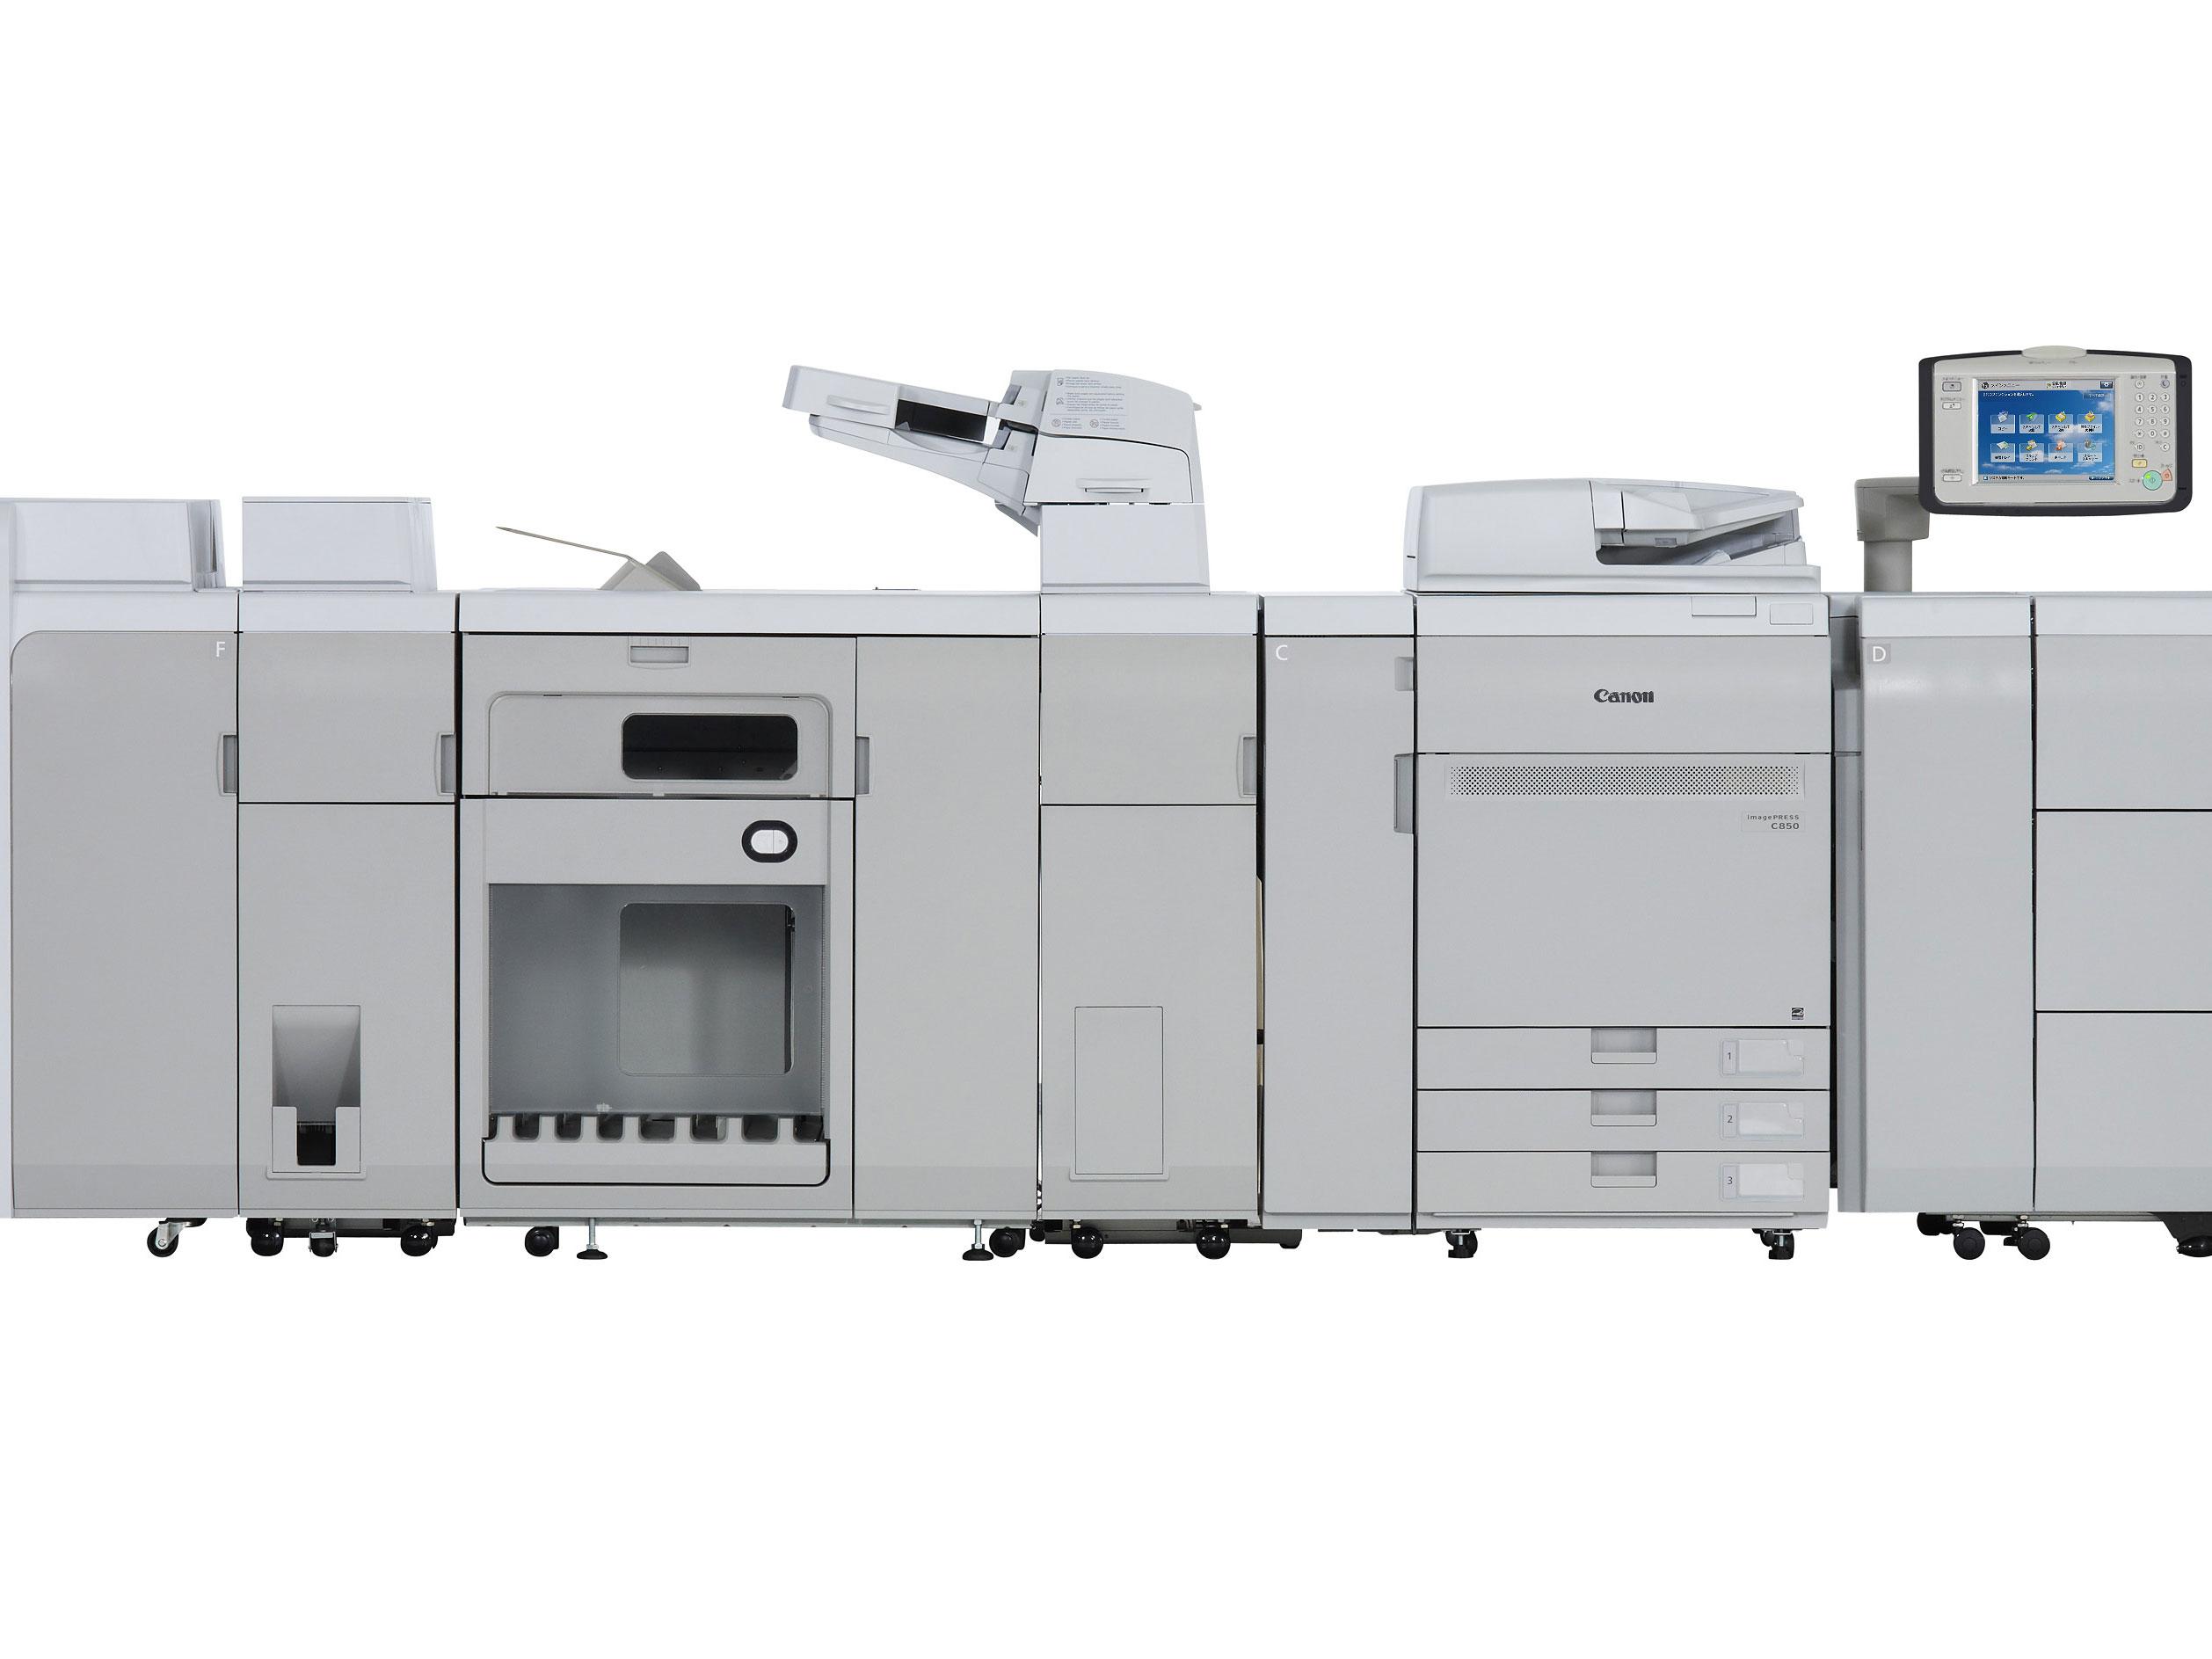 Fotocopiadora imagePRESS C650 usada